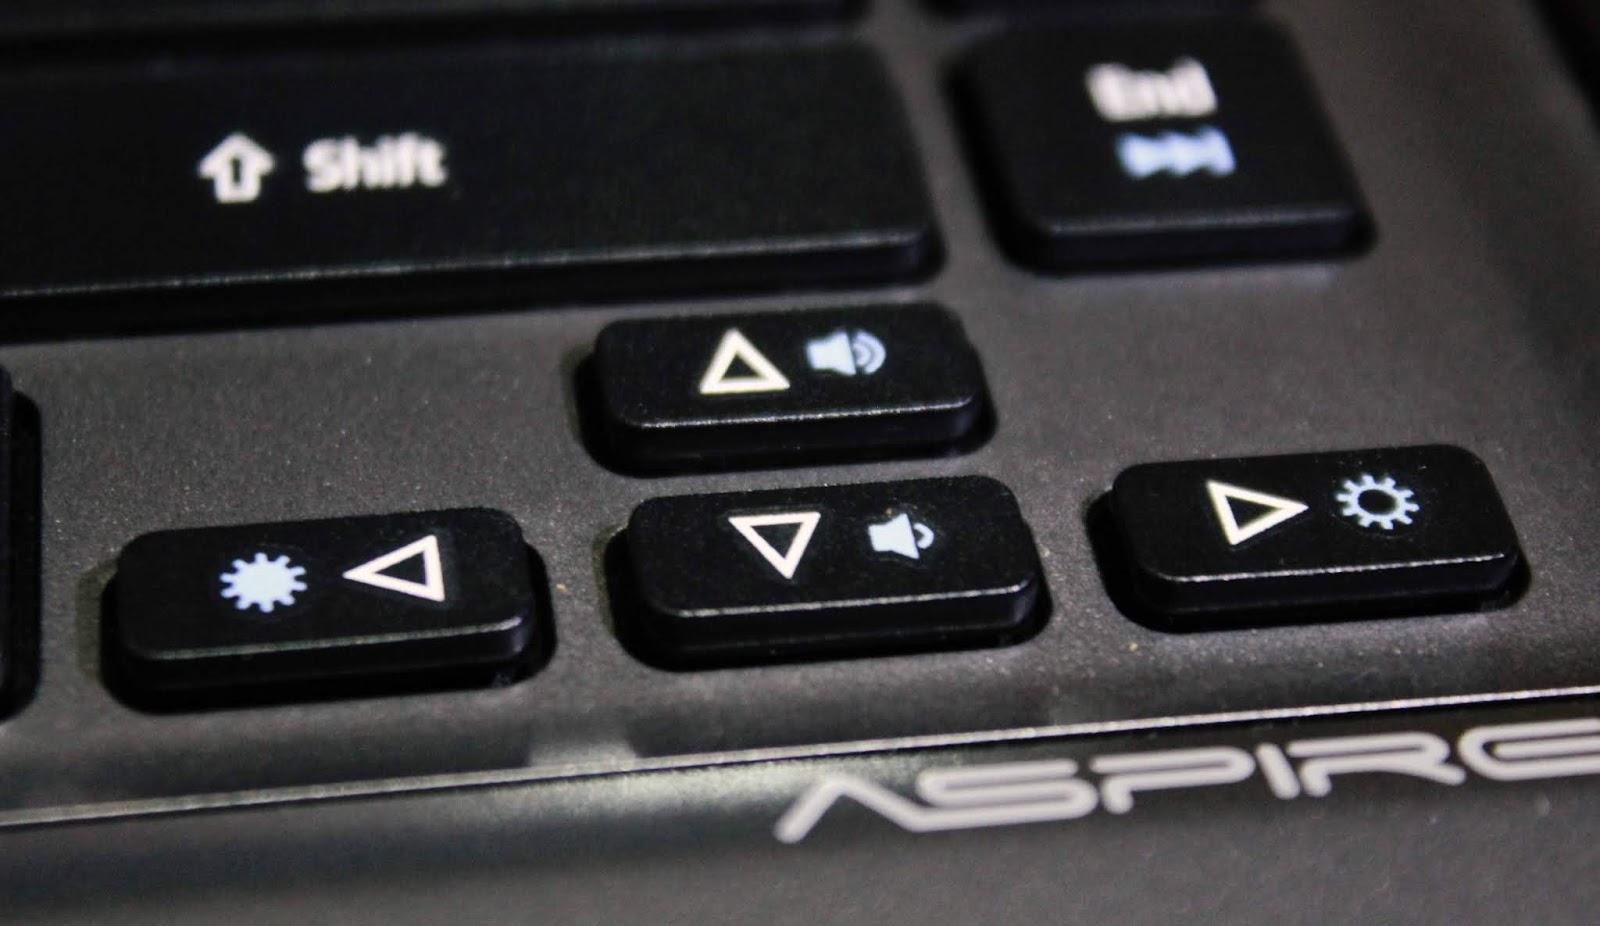 Cara Mencerahkan Layar Laptop dengan Cepat dan Mudah